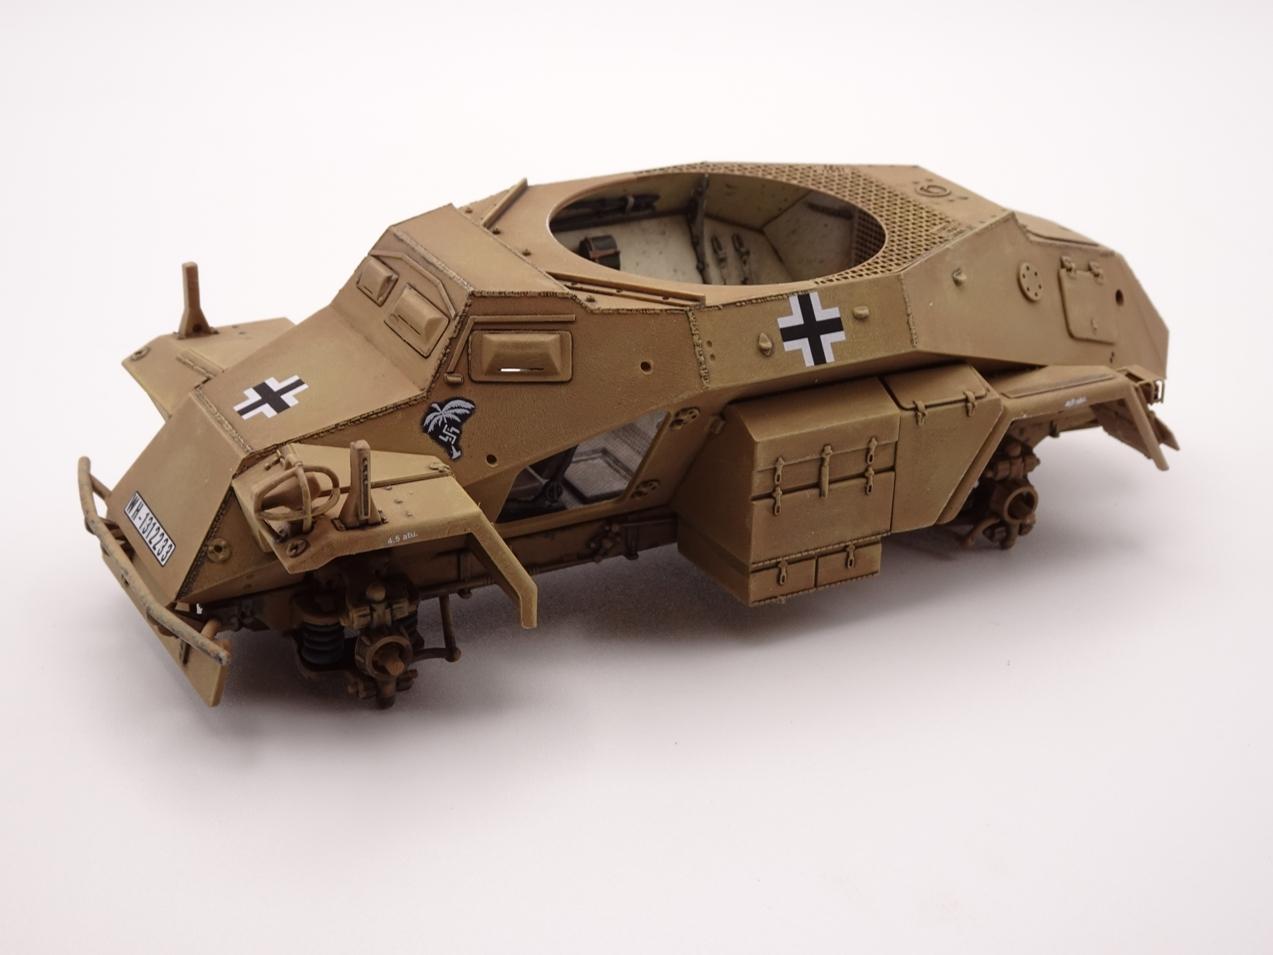 [Hobby Boss 1/35°] Sd.Kfz. 222 Leichter Panzerspähwagen - Page 2 222-3005-2